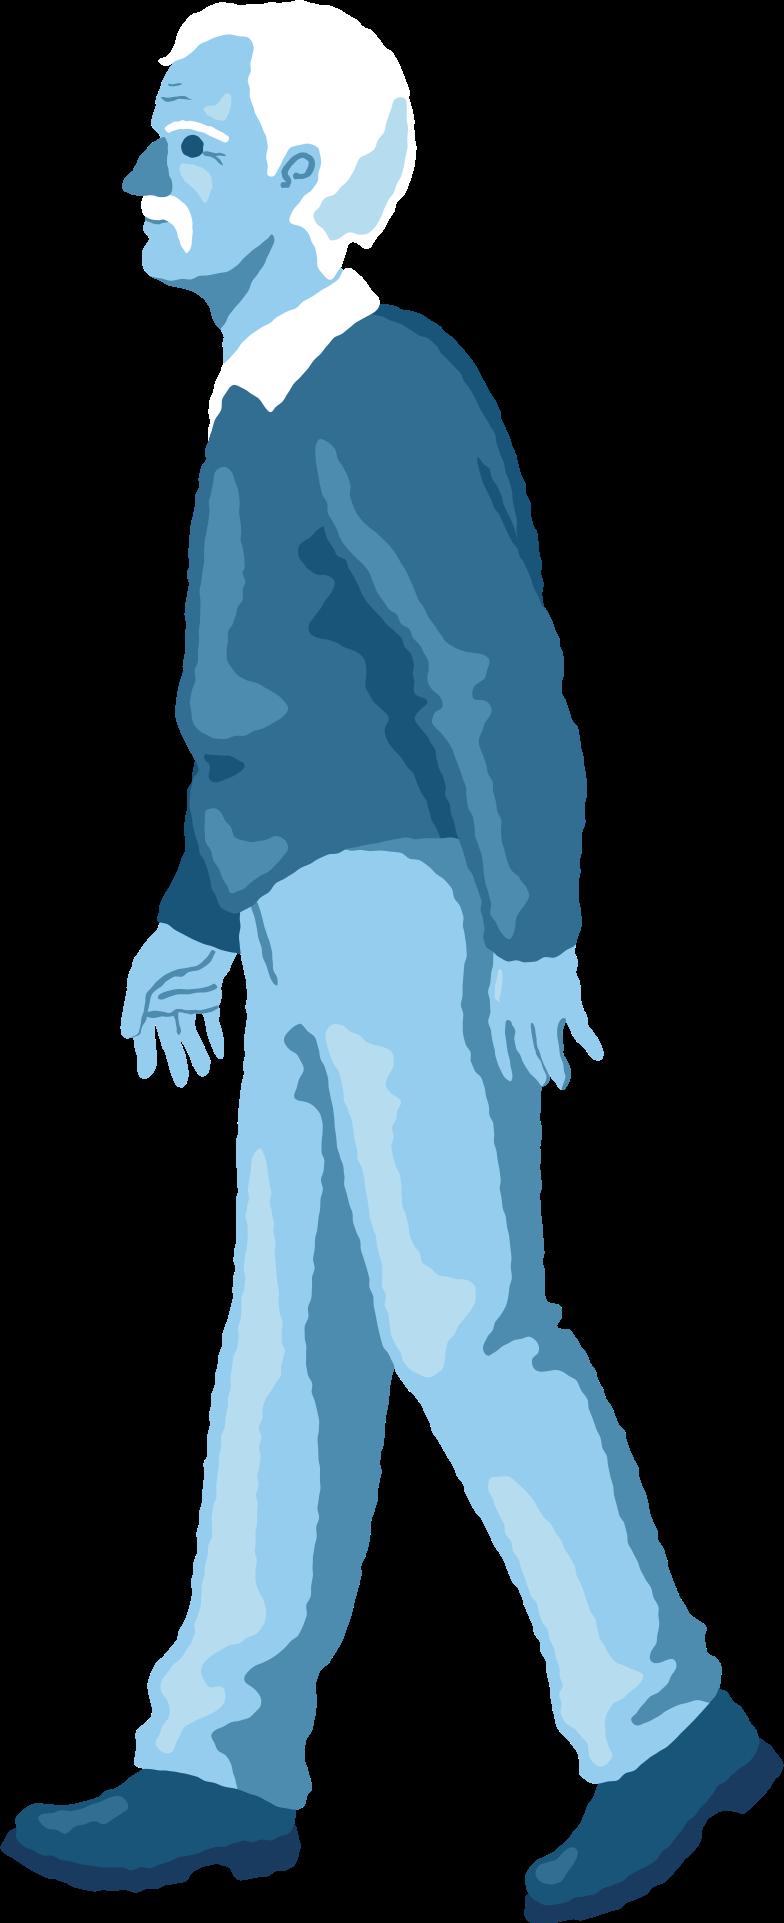 old man walking Clipart illustration in PNG, SVG